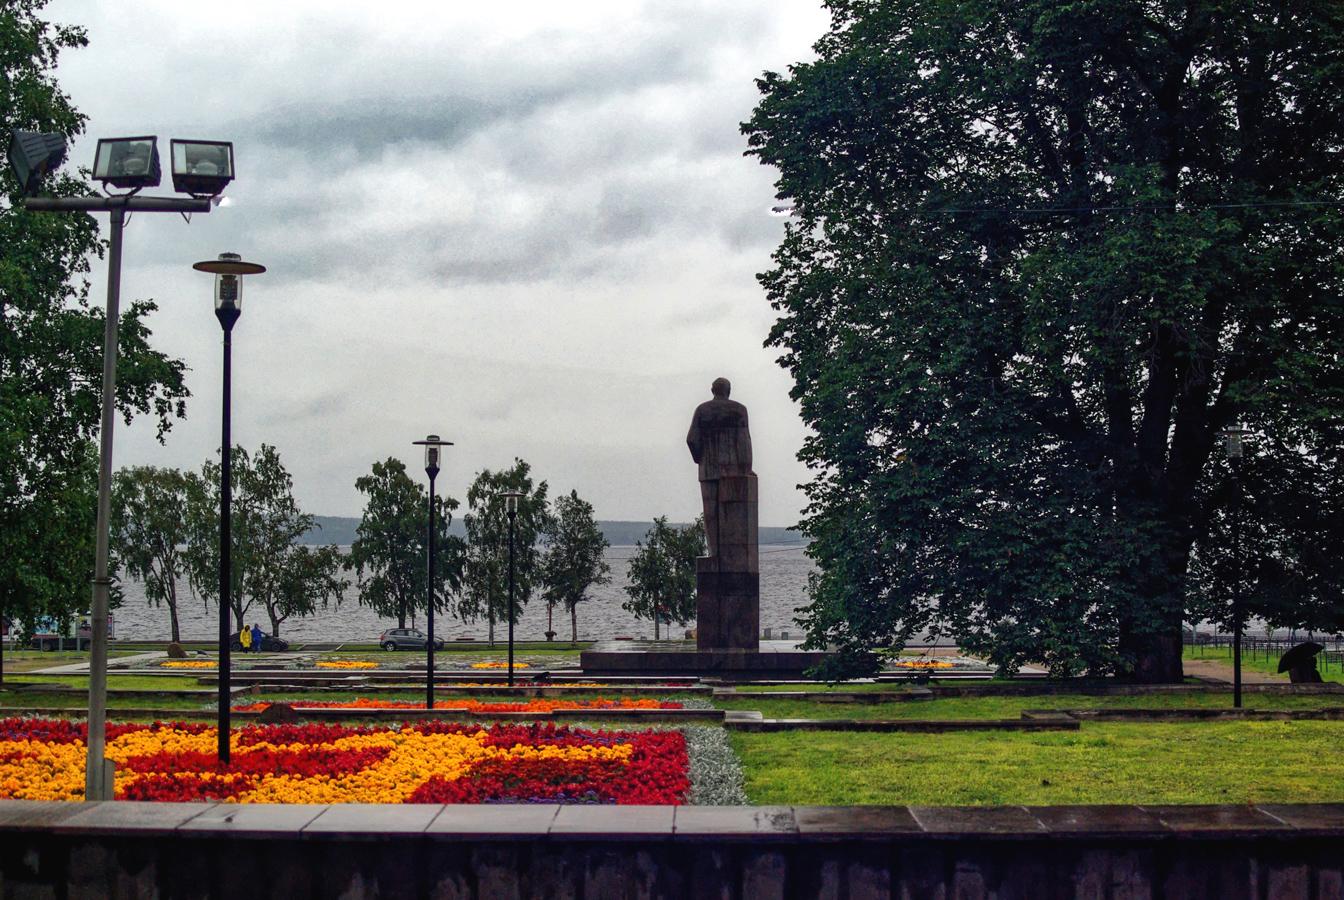 4 августа 2019 года. Памятник Куусинену в Петрозаводске